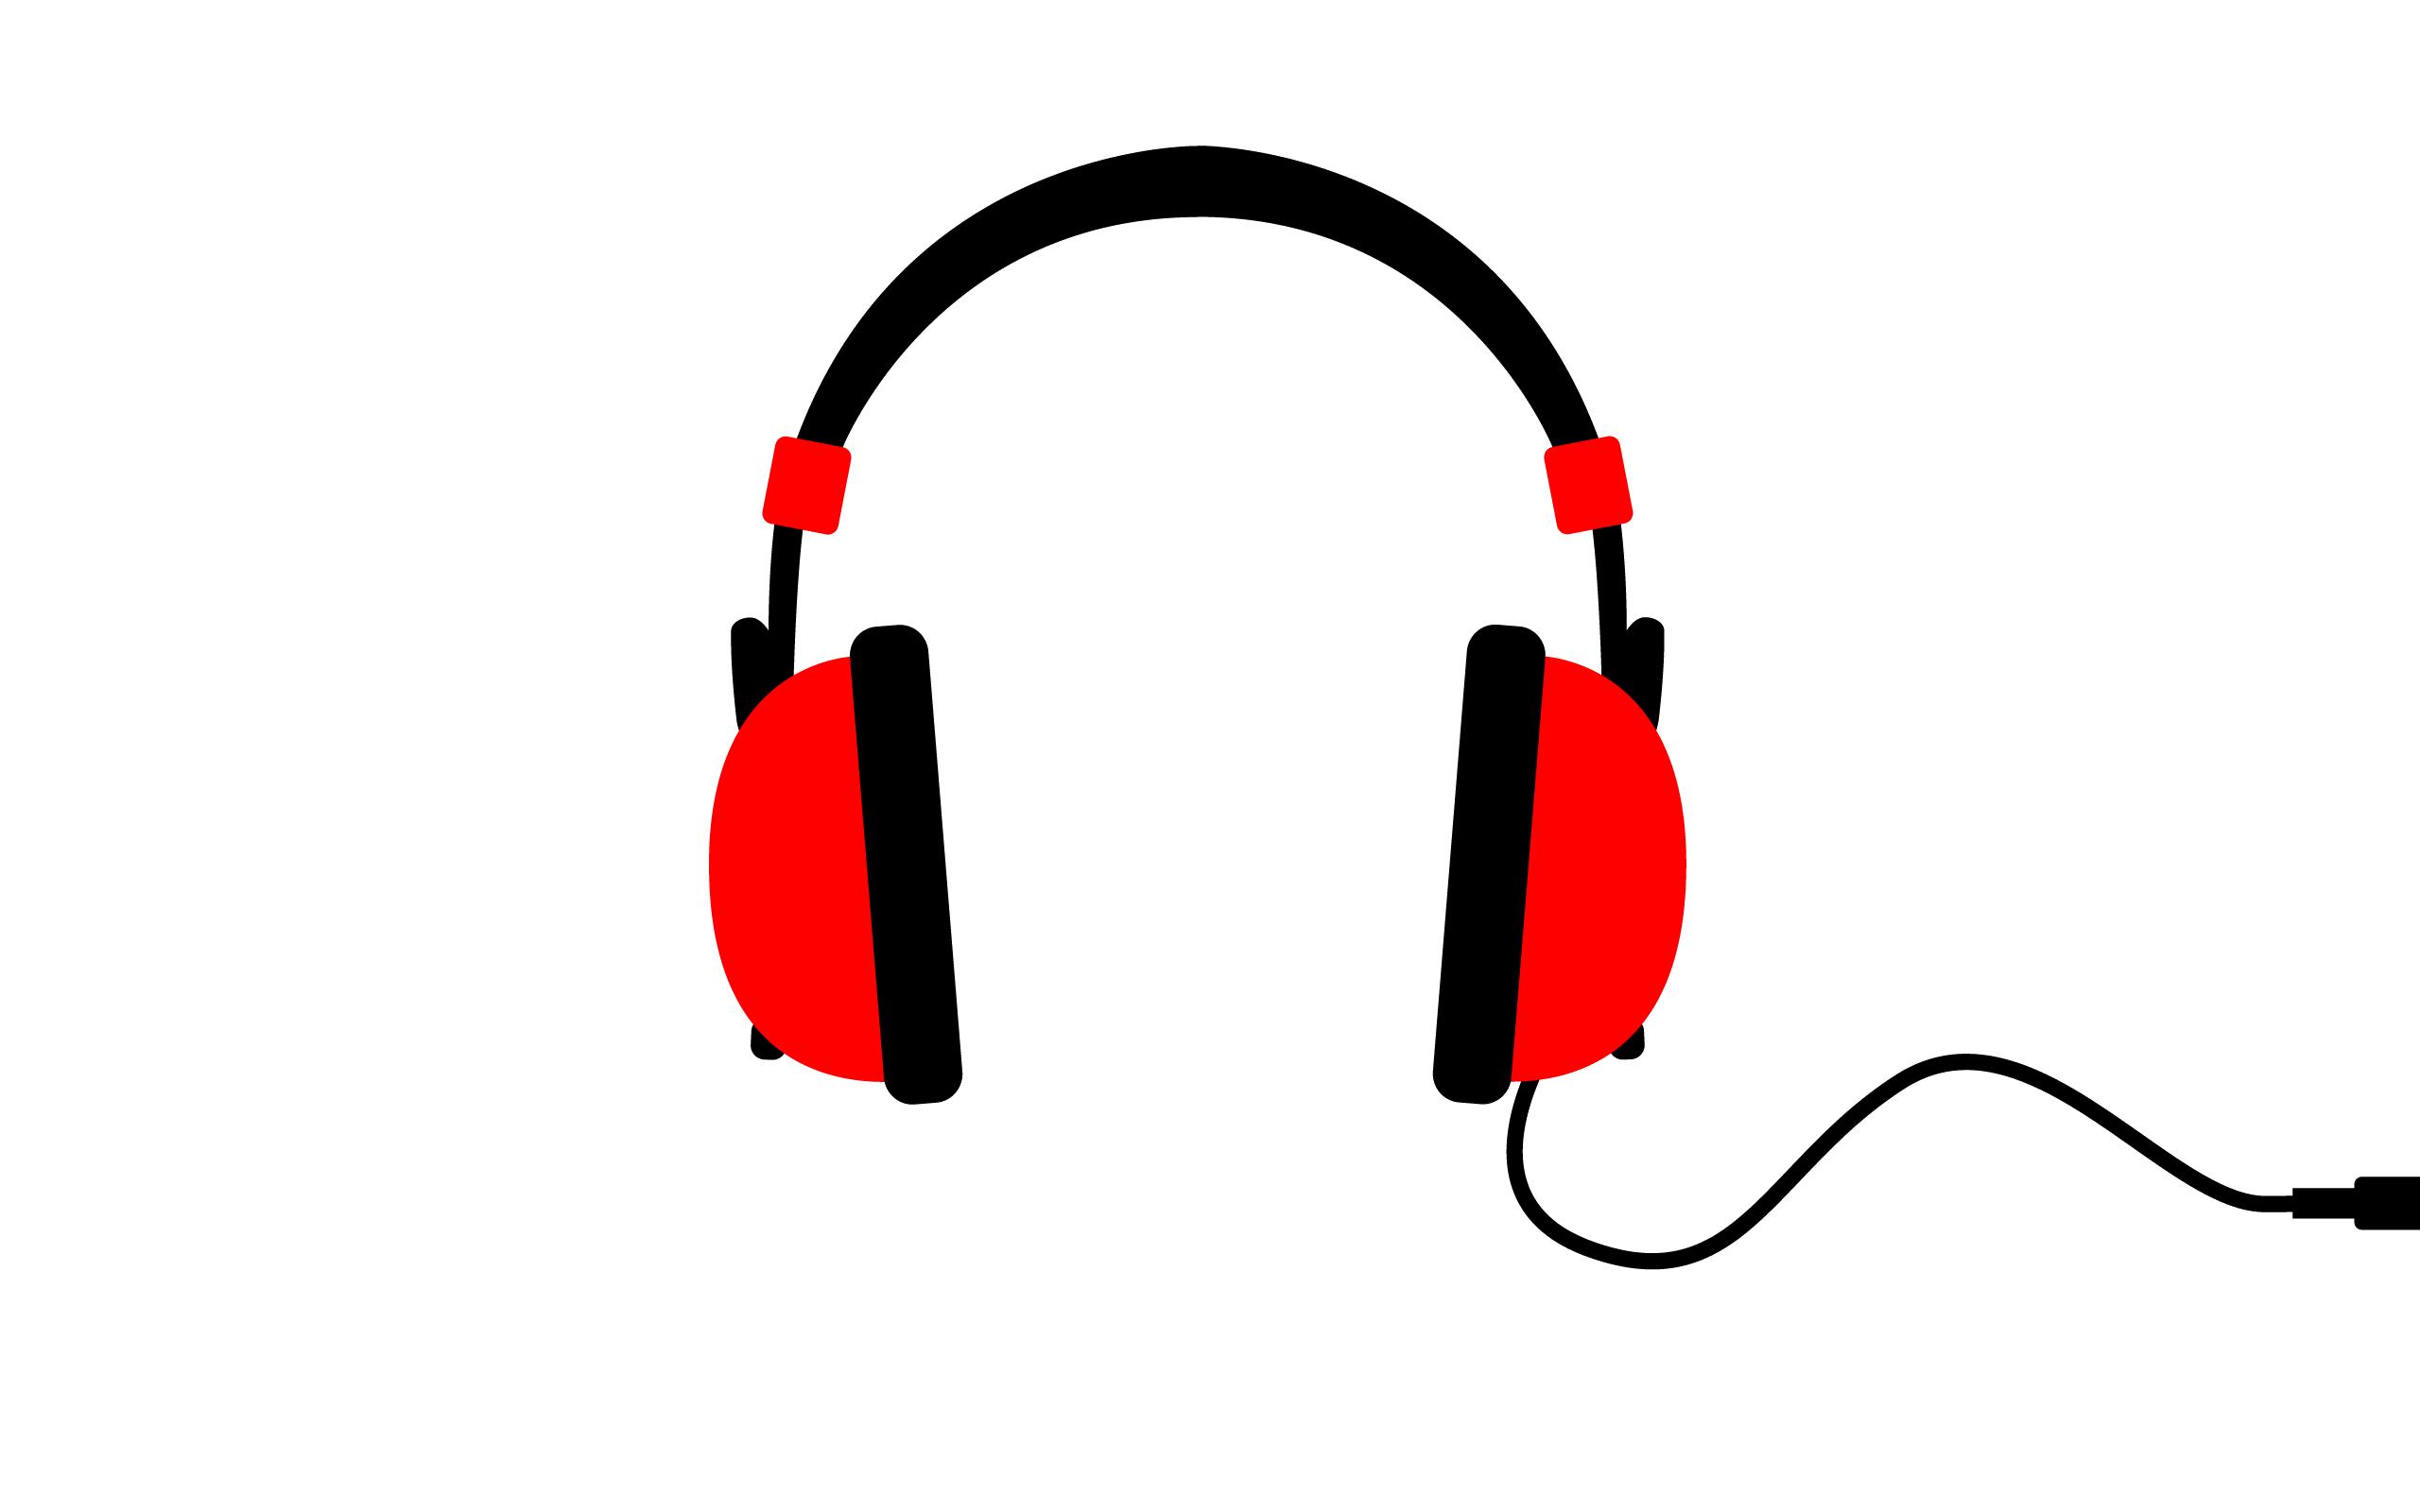 2560x1600 Headphones Png Clipart Png Mart